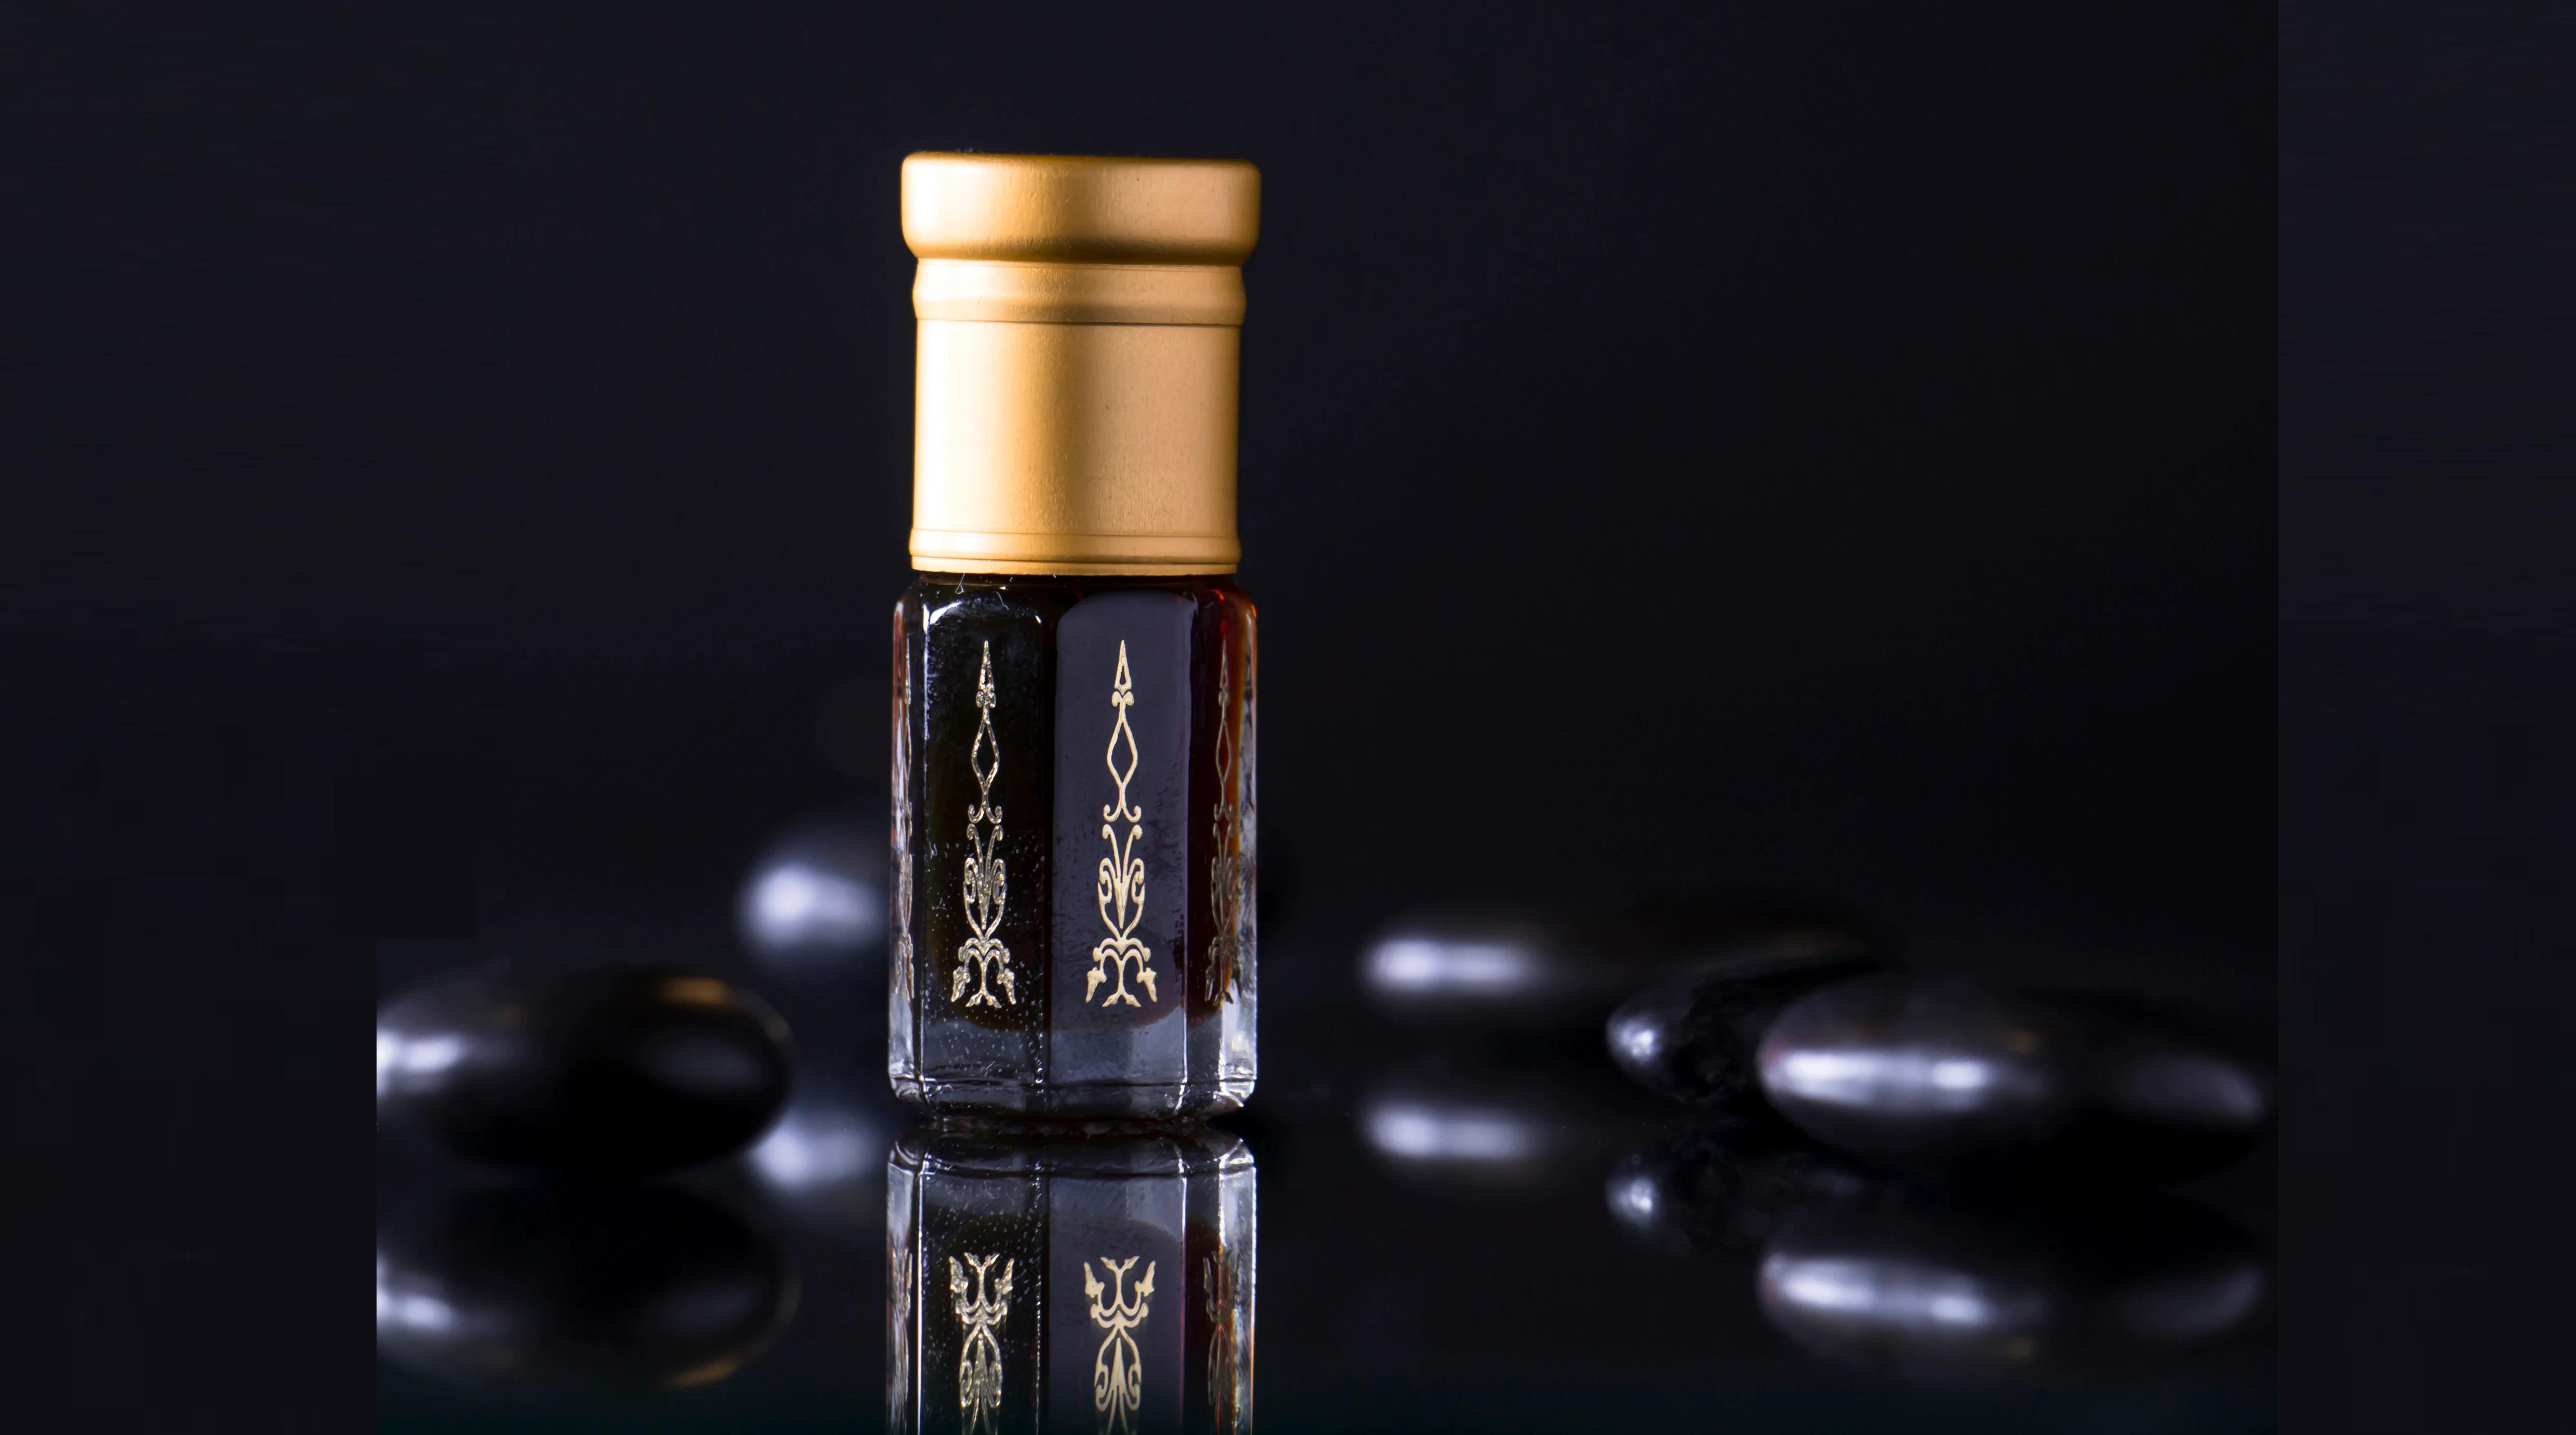 تعرف علي مسك الغزال الاسود من متجر أبانمي Perfume Bottles Perfume Coffee Maker